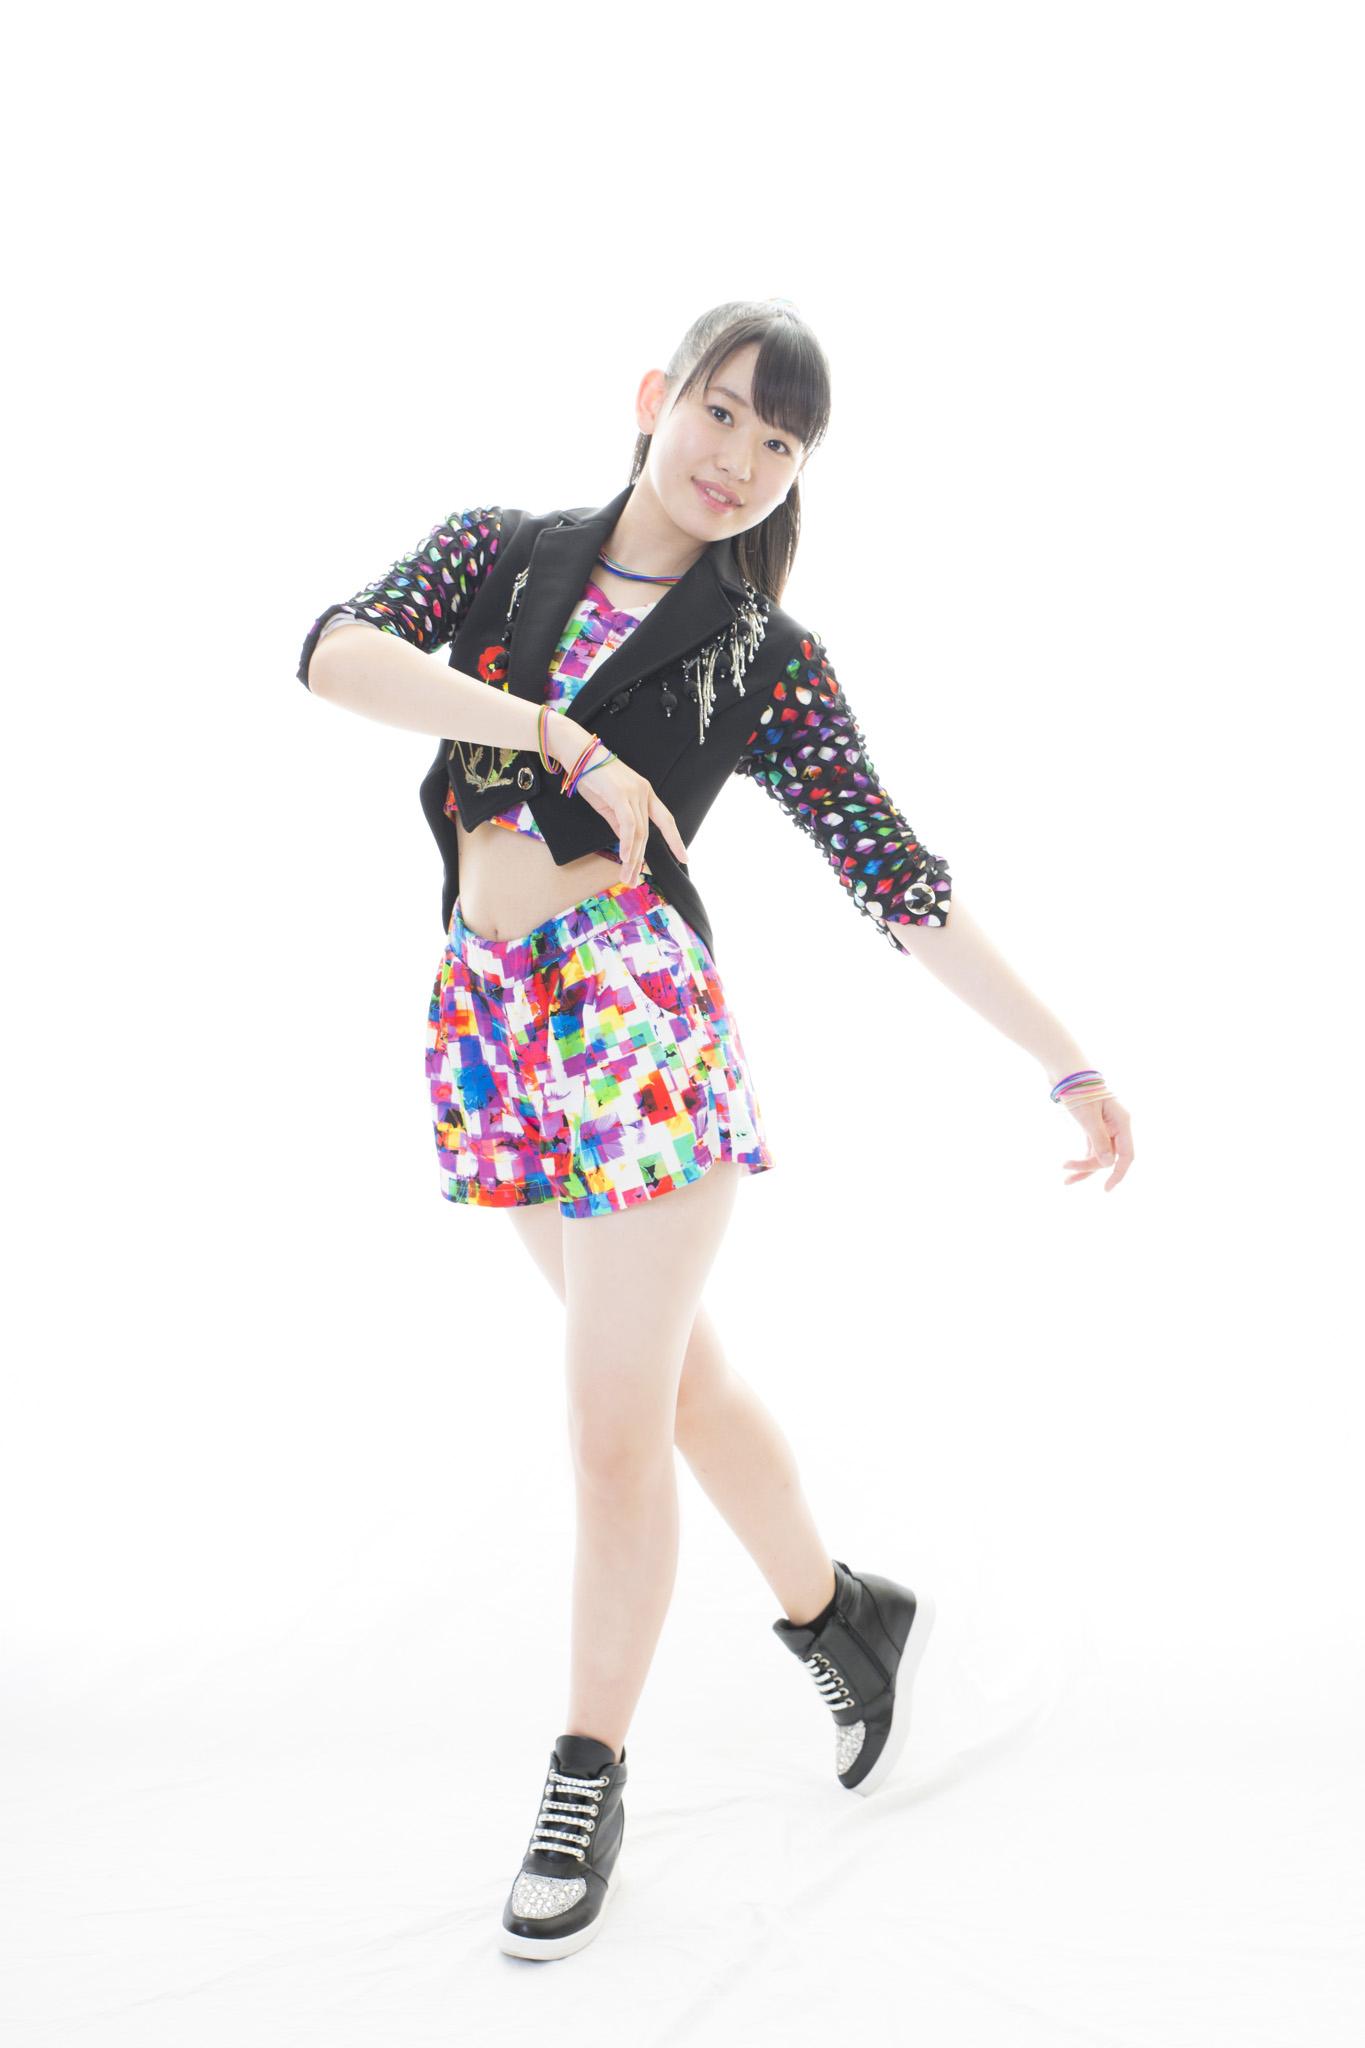 20161109_kasaharamomona4_photo__toukou